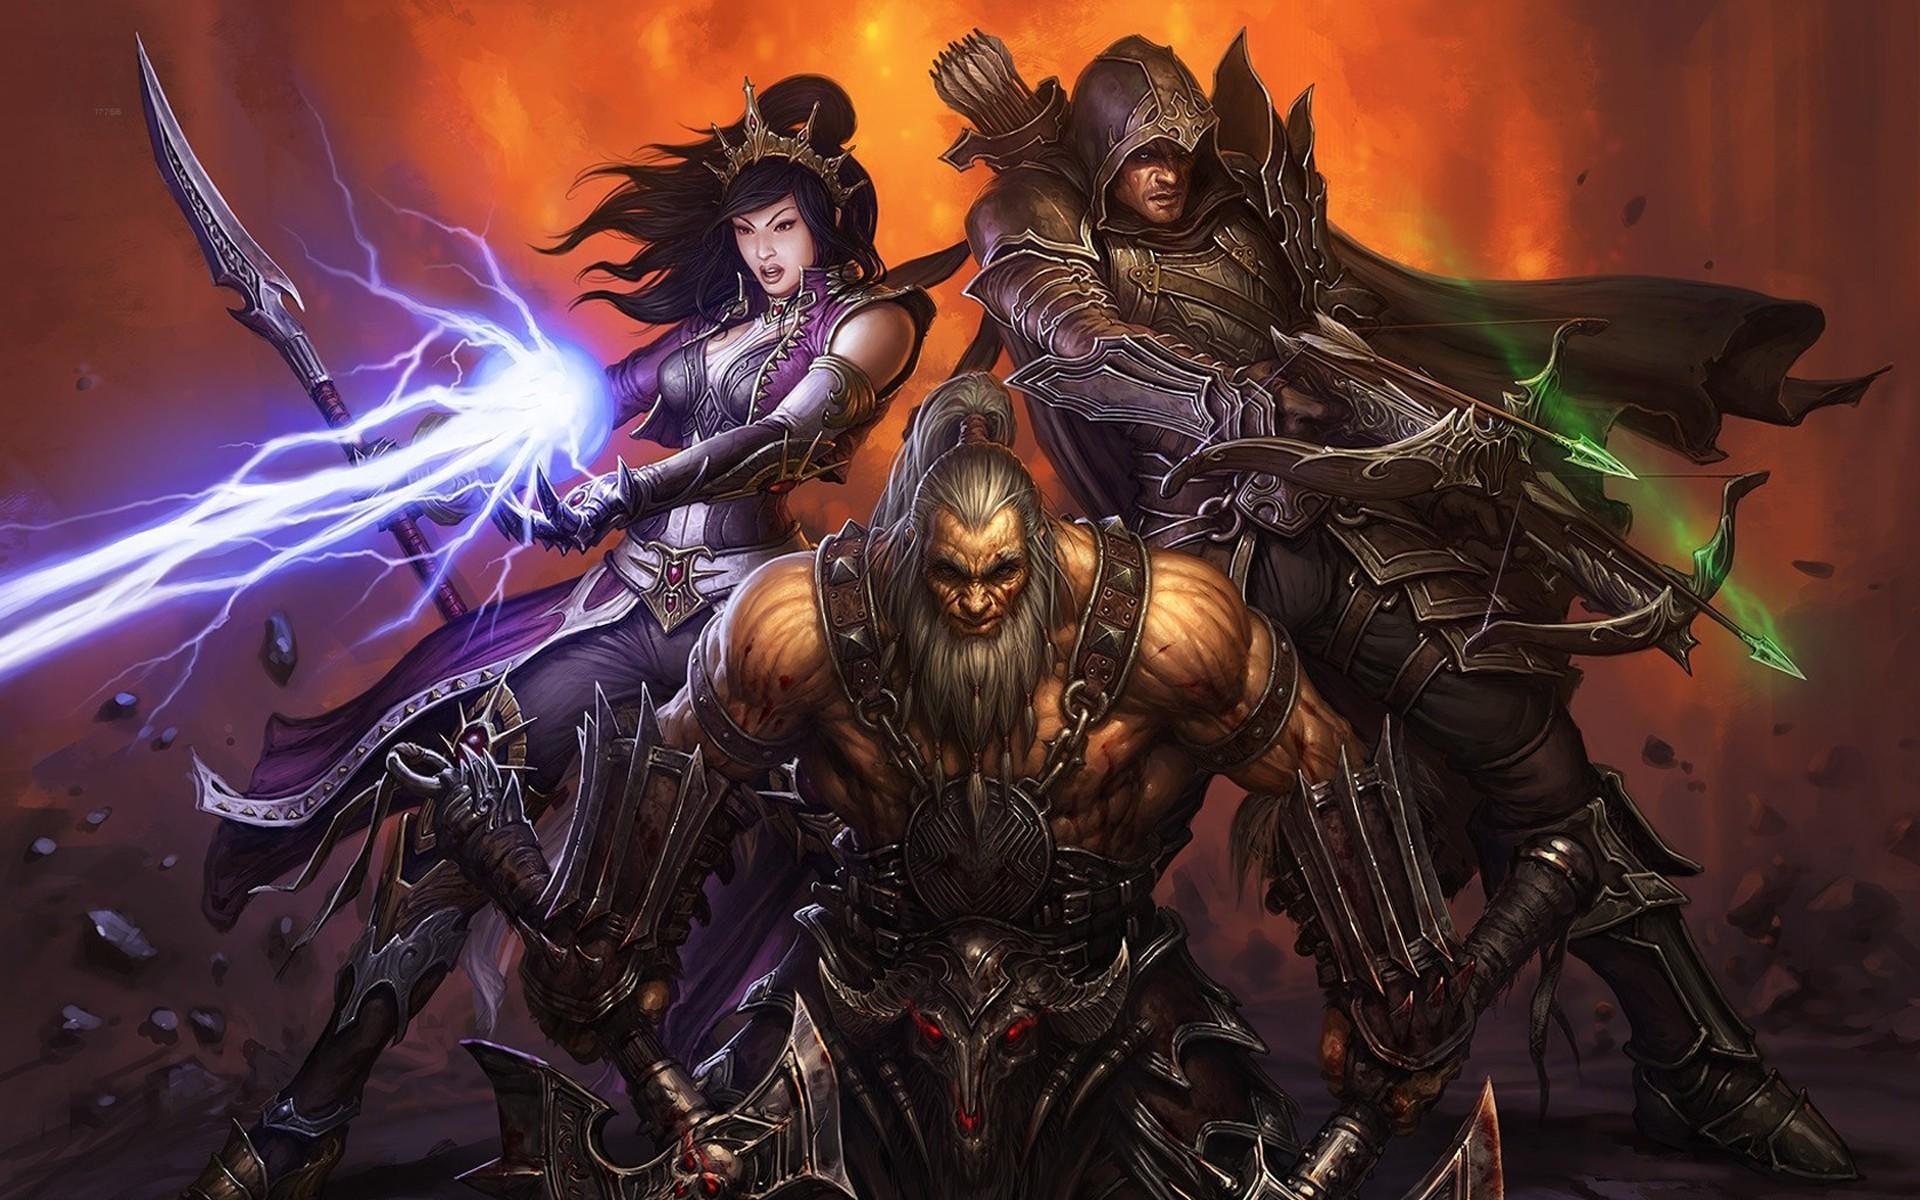 … Final Fantasy · Fantasy Mage Wallpaper Fantasy, Mage, Video,  Games, Wall …